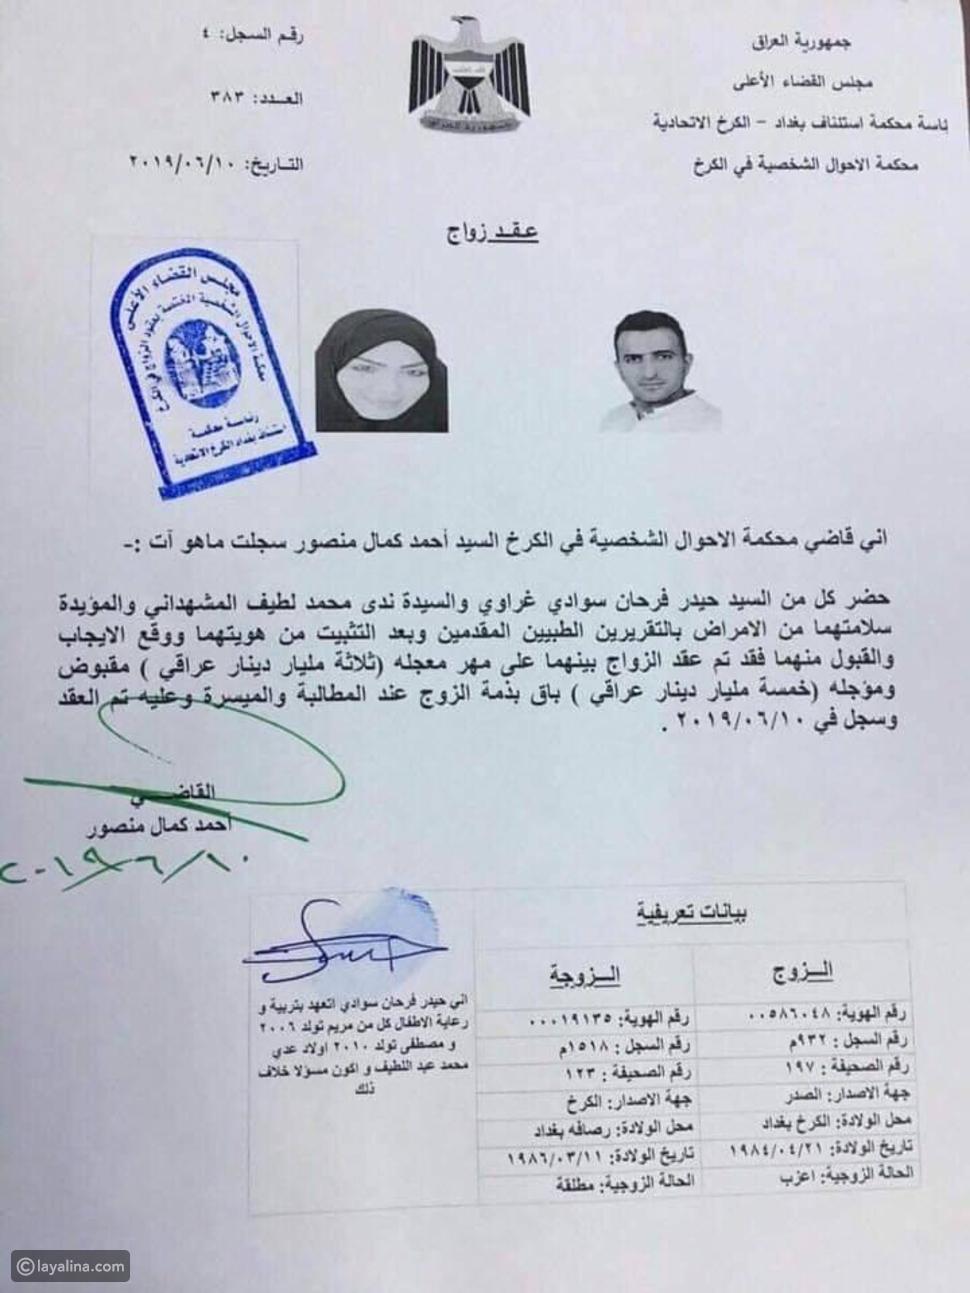 الوثيقة التي تداولتها الصحف العراقية صدرت من محكمة الأحوال الشخصية في الكرخ بالعاصمة العراقية بغداد أمس الإثنين، بينت أن مهر العروس بلغ ثمانية مليارات دينار أي حوالي 8 ملايين دولار أمريكي.